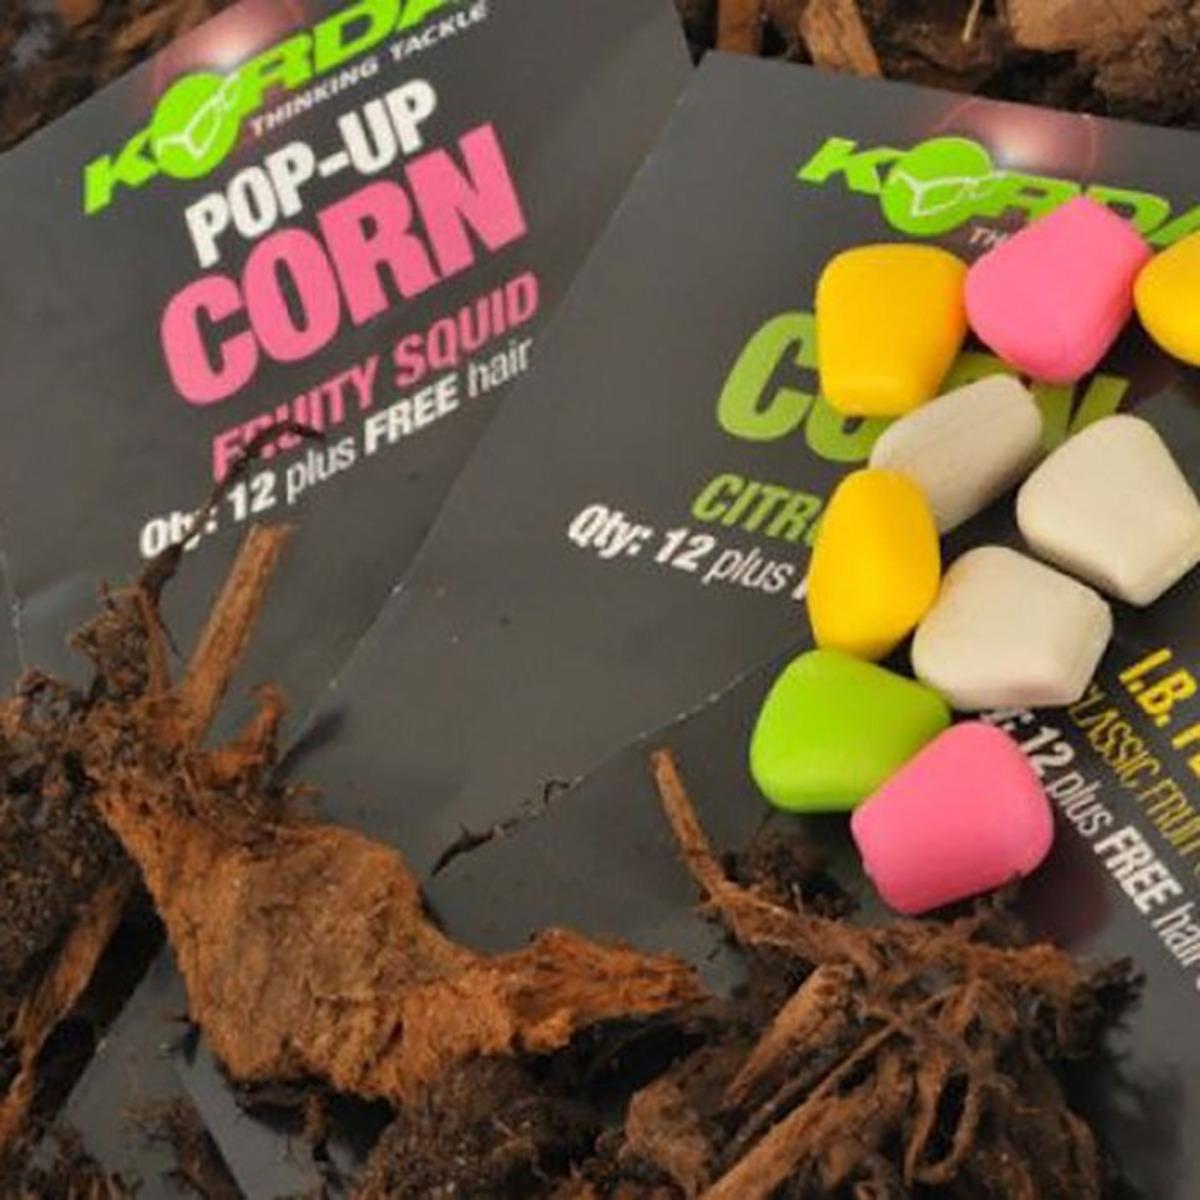 Korda Pop Up Corn - Fruity Squid - Pink